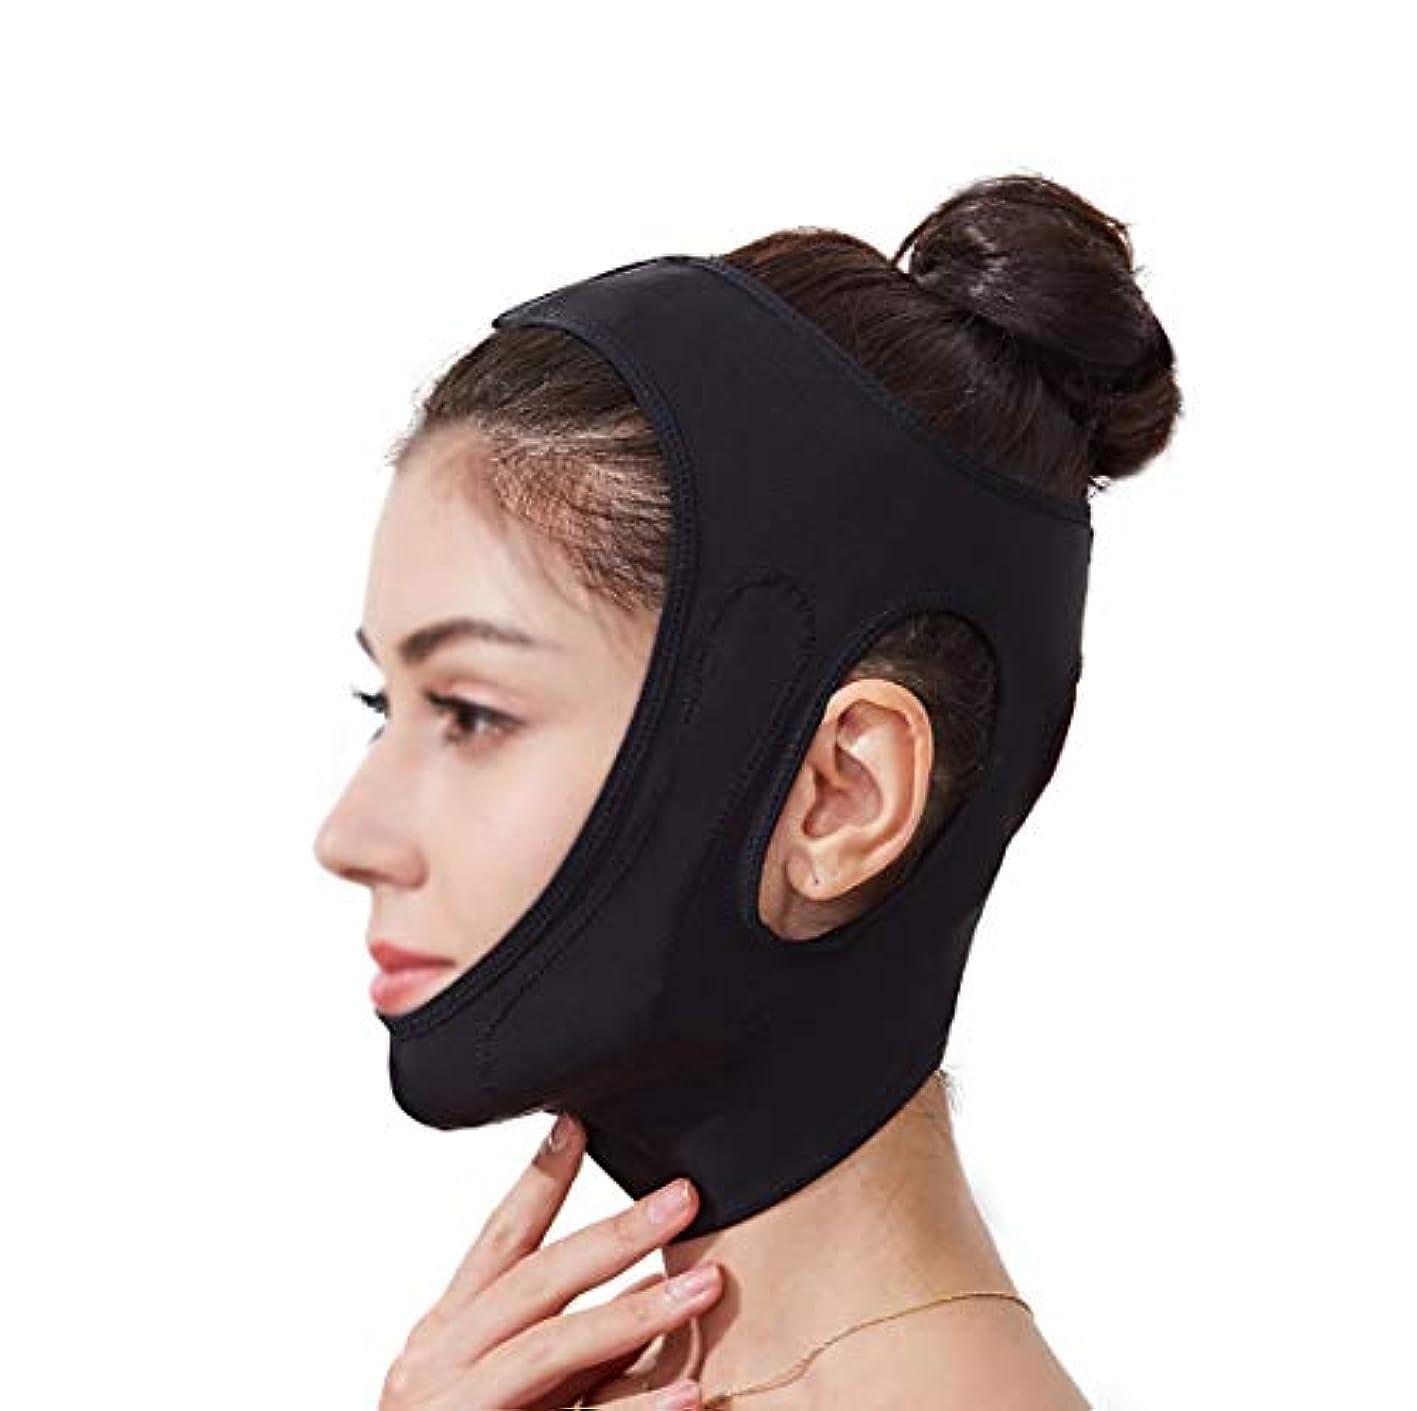 自信があるオフセット使い込むフェイスリフティング包帯vフェイスマスクフェイスリフティングあご快適な顔引き締めフェイシャルマッサージワンサイズ (Color : Black)